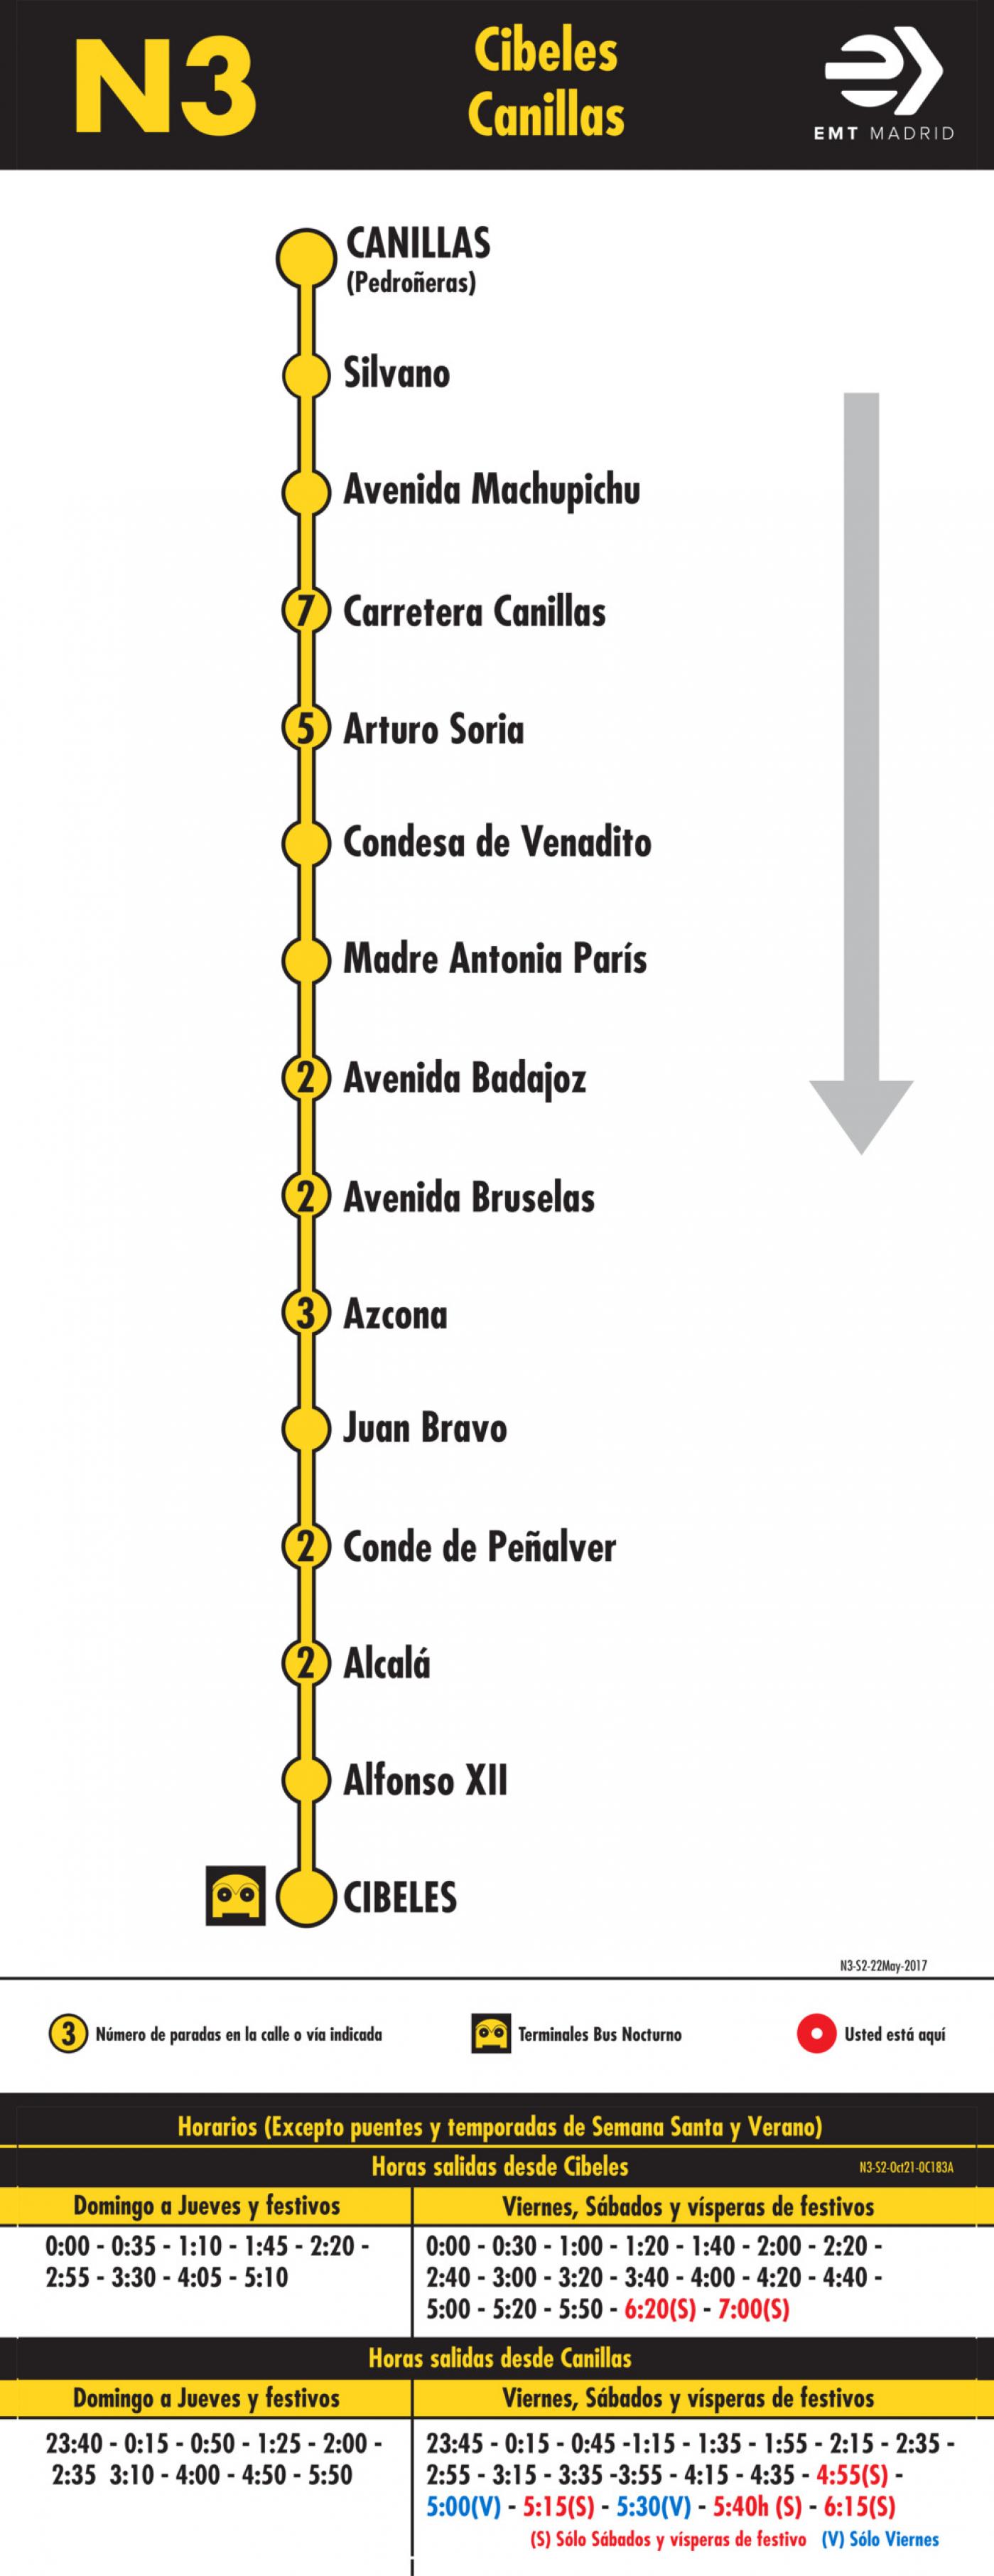 Tabla de horarios y frecuencias de paso en sentido vuelta Línea N3: Plaza de Cibeles - Canillas (búho)